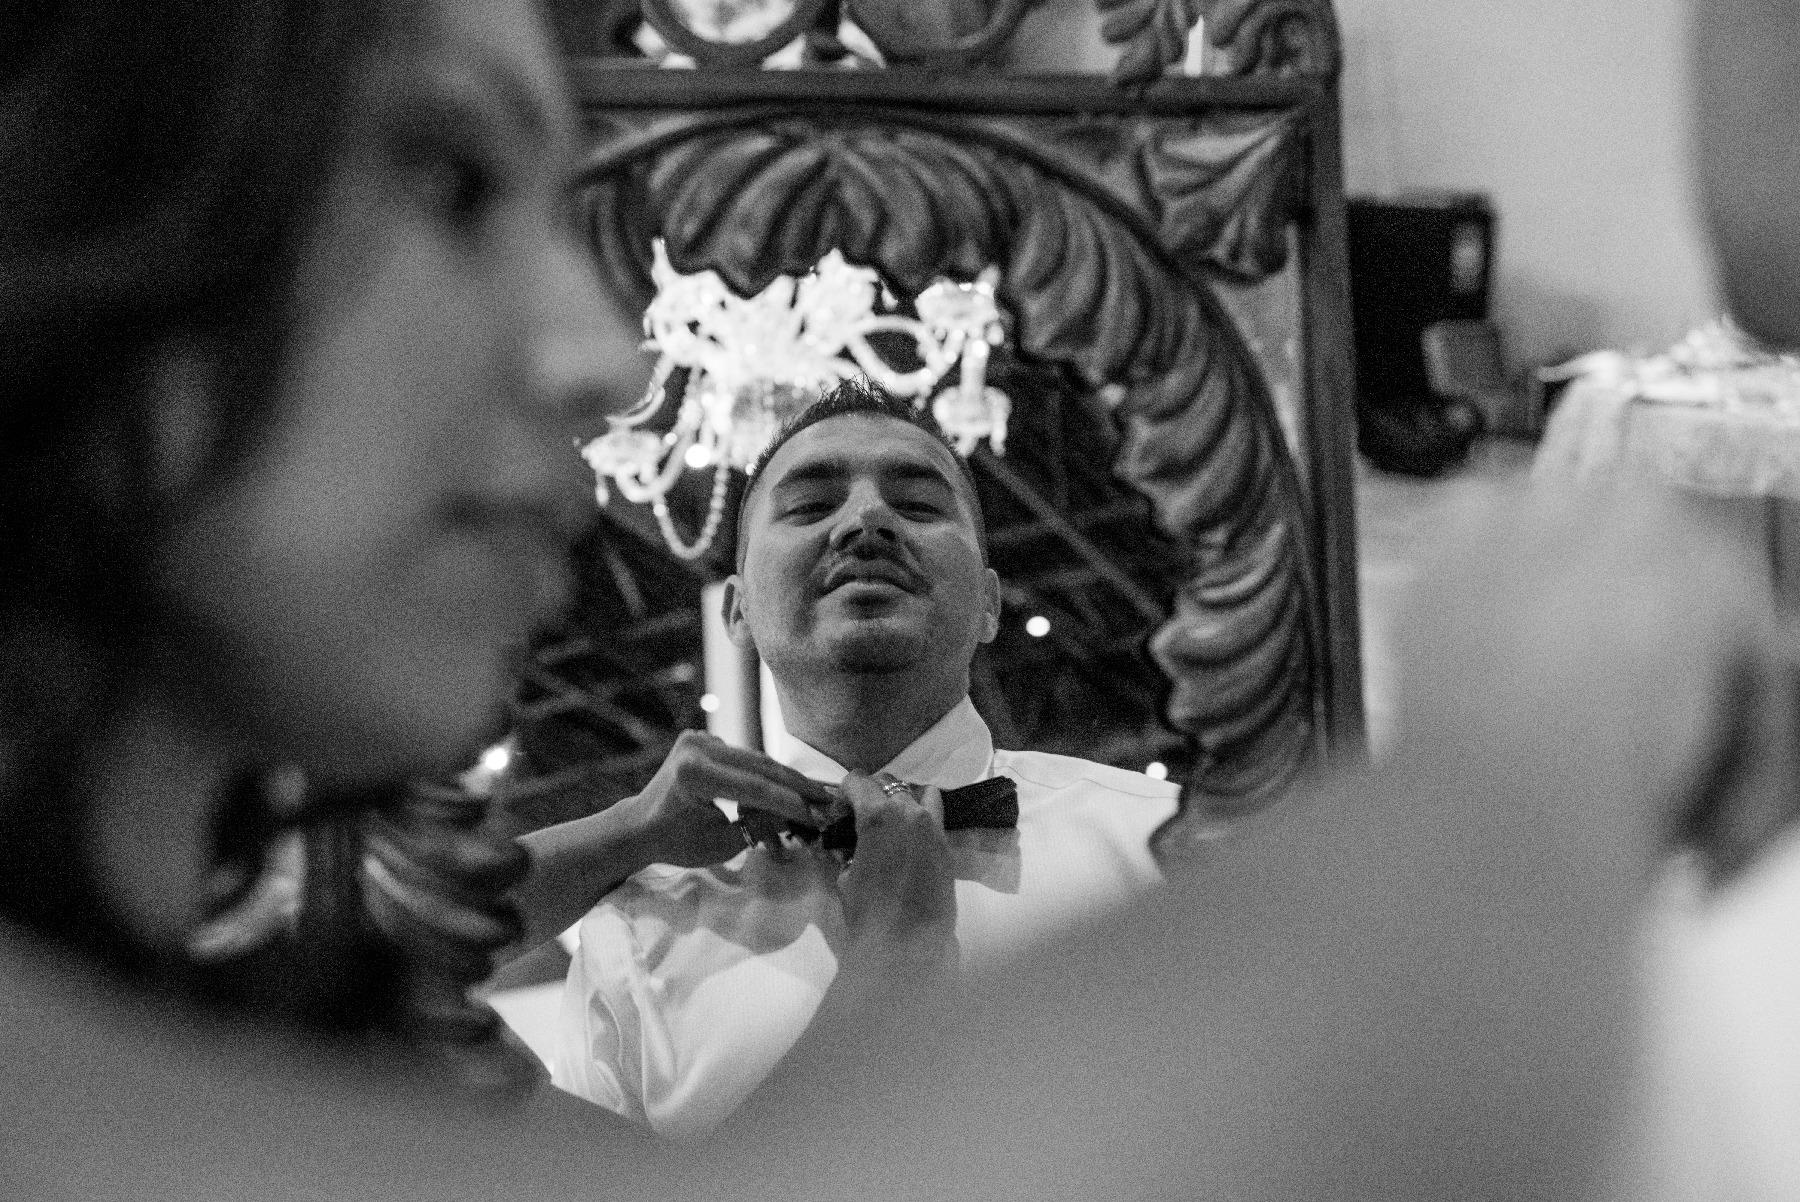 hugo and jimmy wedding 2014-10-05 06